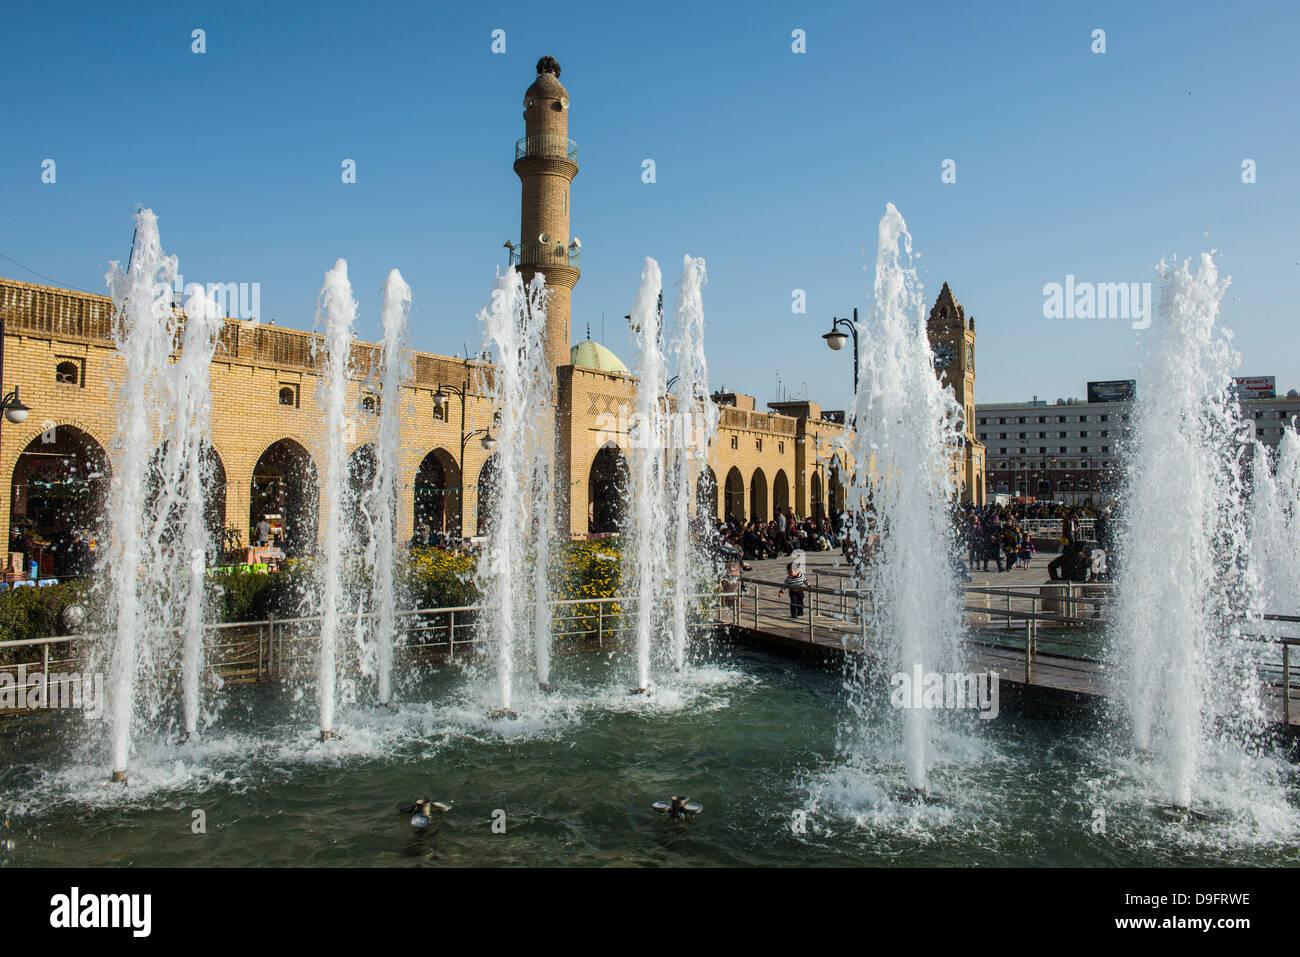 Enorme plaza con fuentes de agua debajo de la ciudadela de Erbil (Hawler), capital de Irak, Kurdistán, Iraq, Oriente Medio Foto de stock